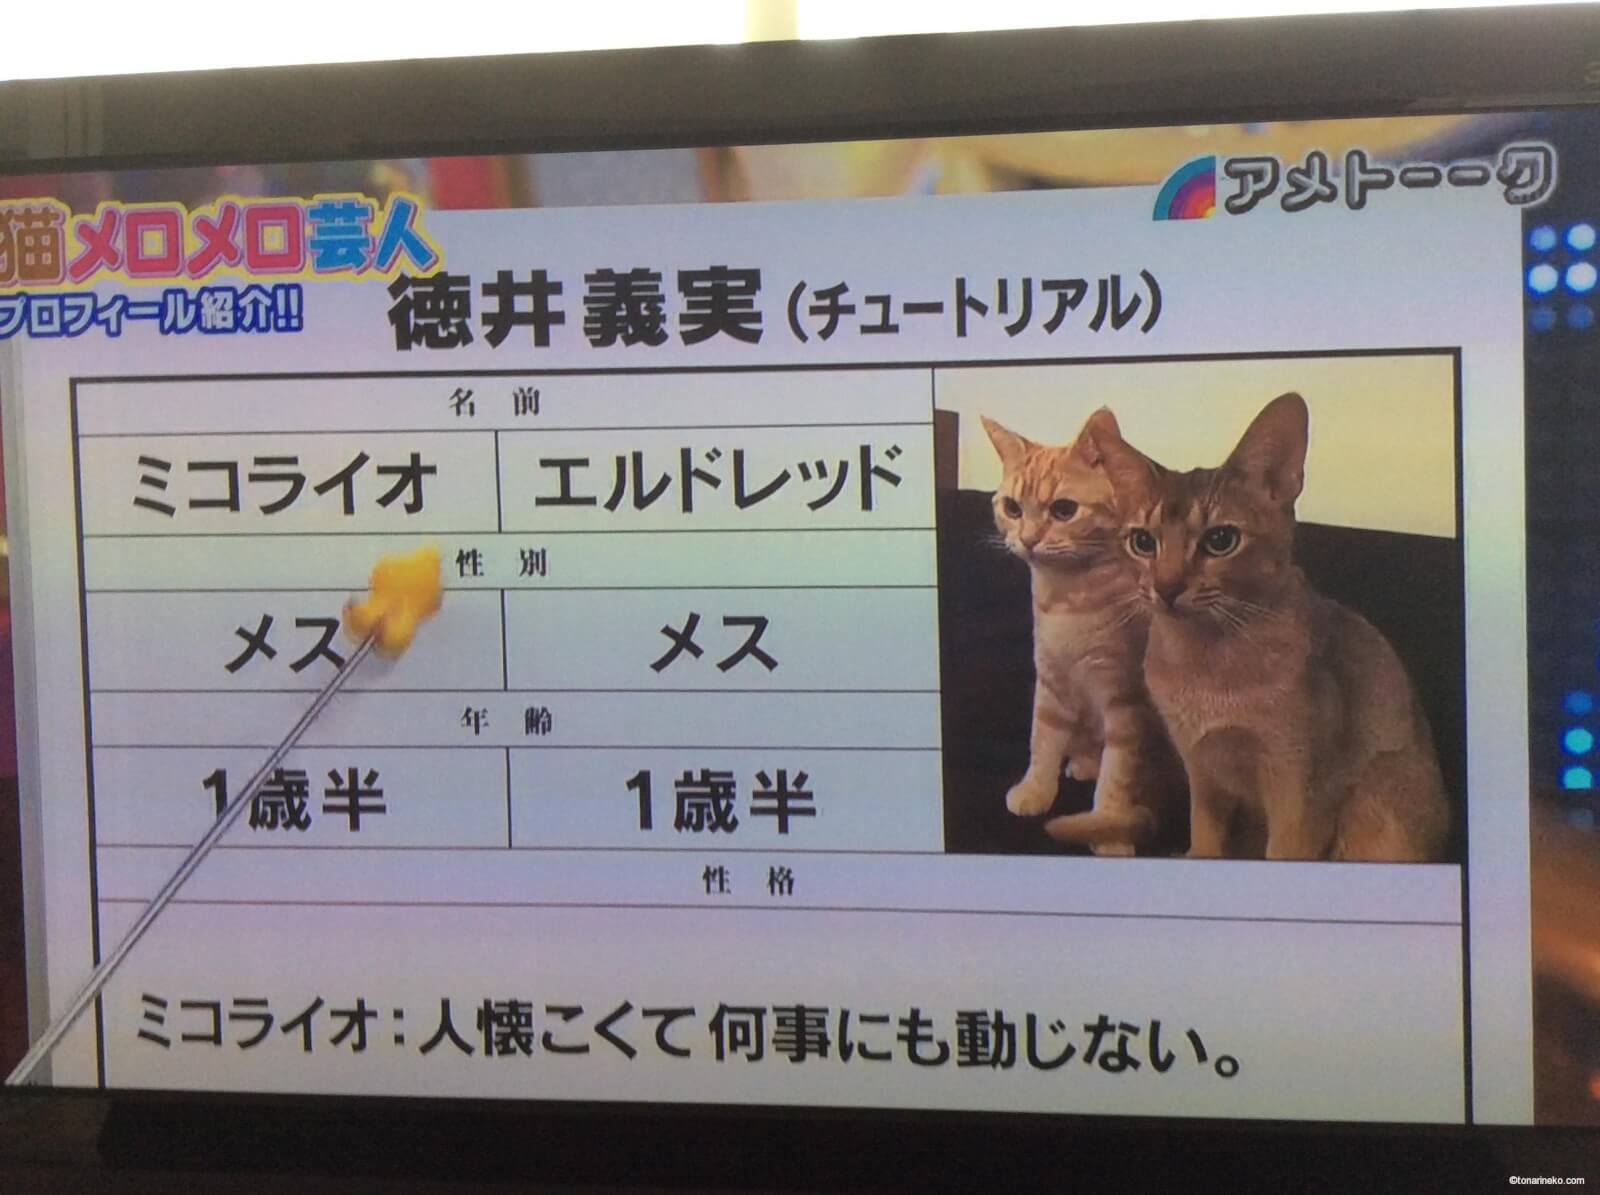 徳井の飼っている猫